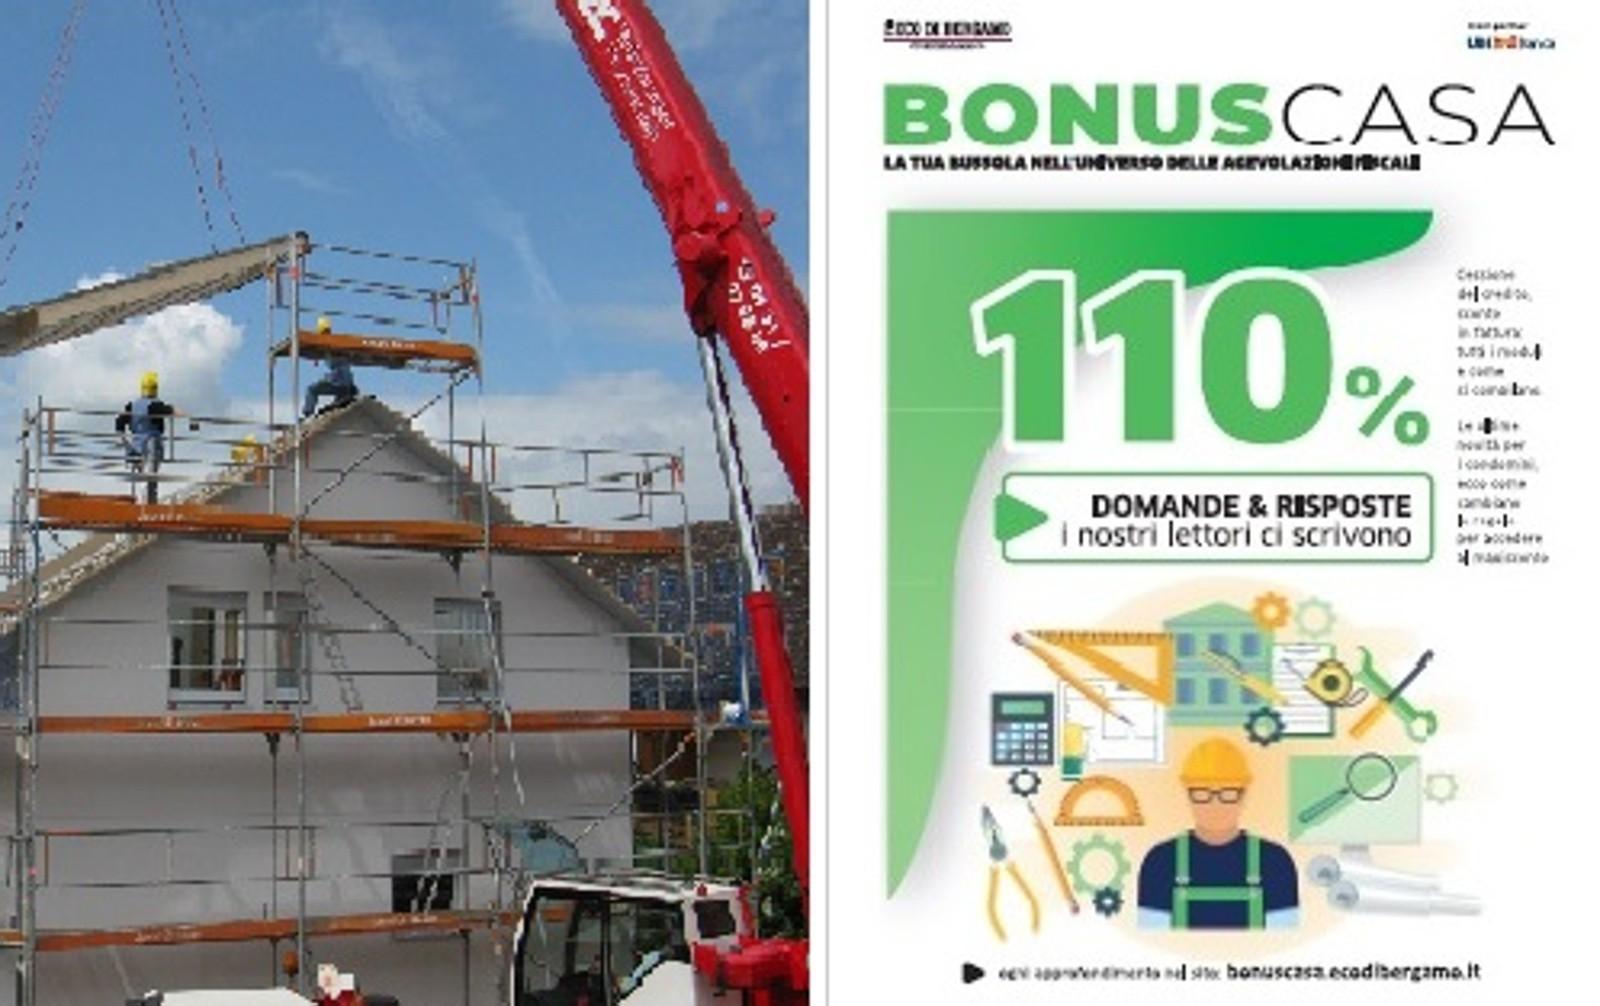 BonusCasa, oggi in regalo con L'Eco un inserto con tutte le novità sul bonus 110%